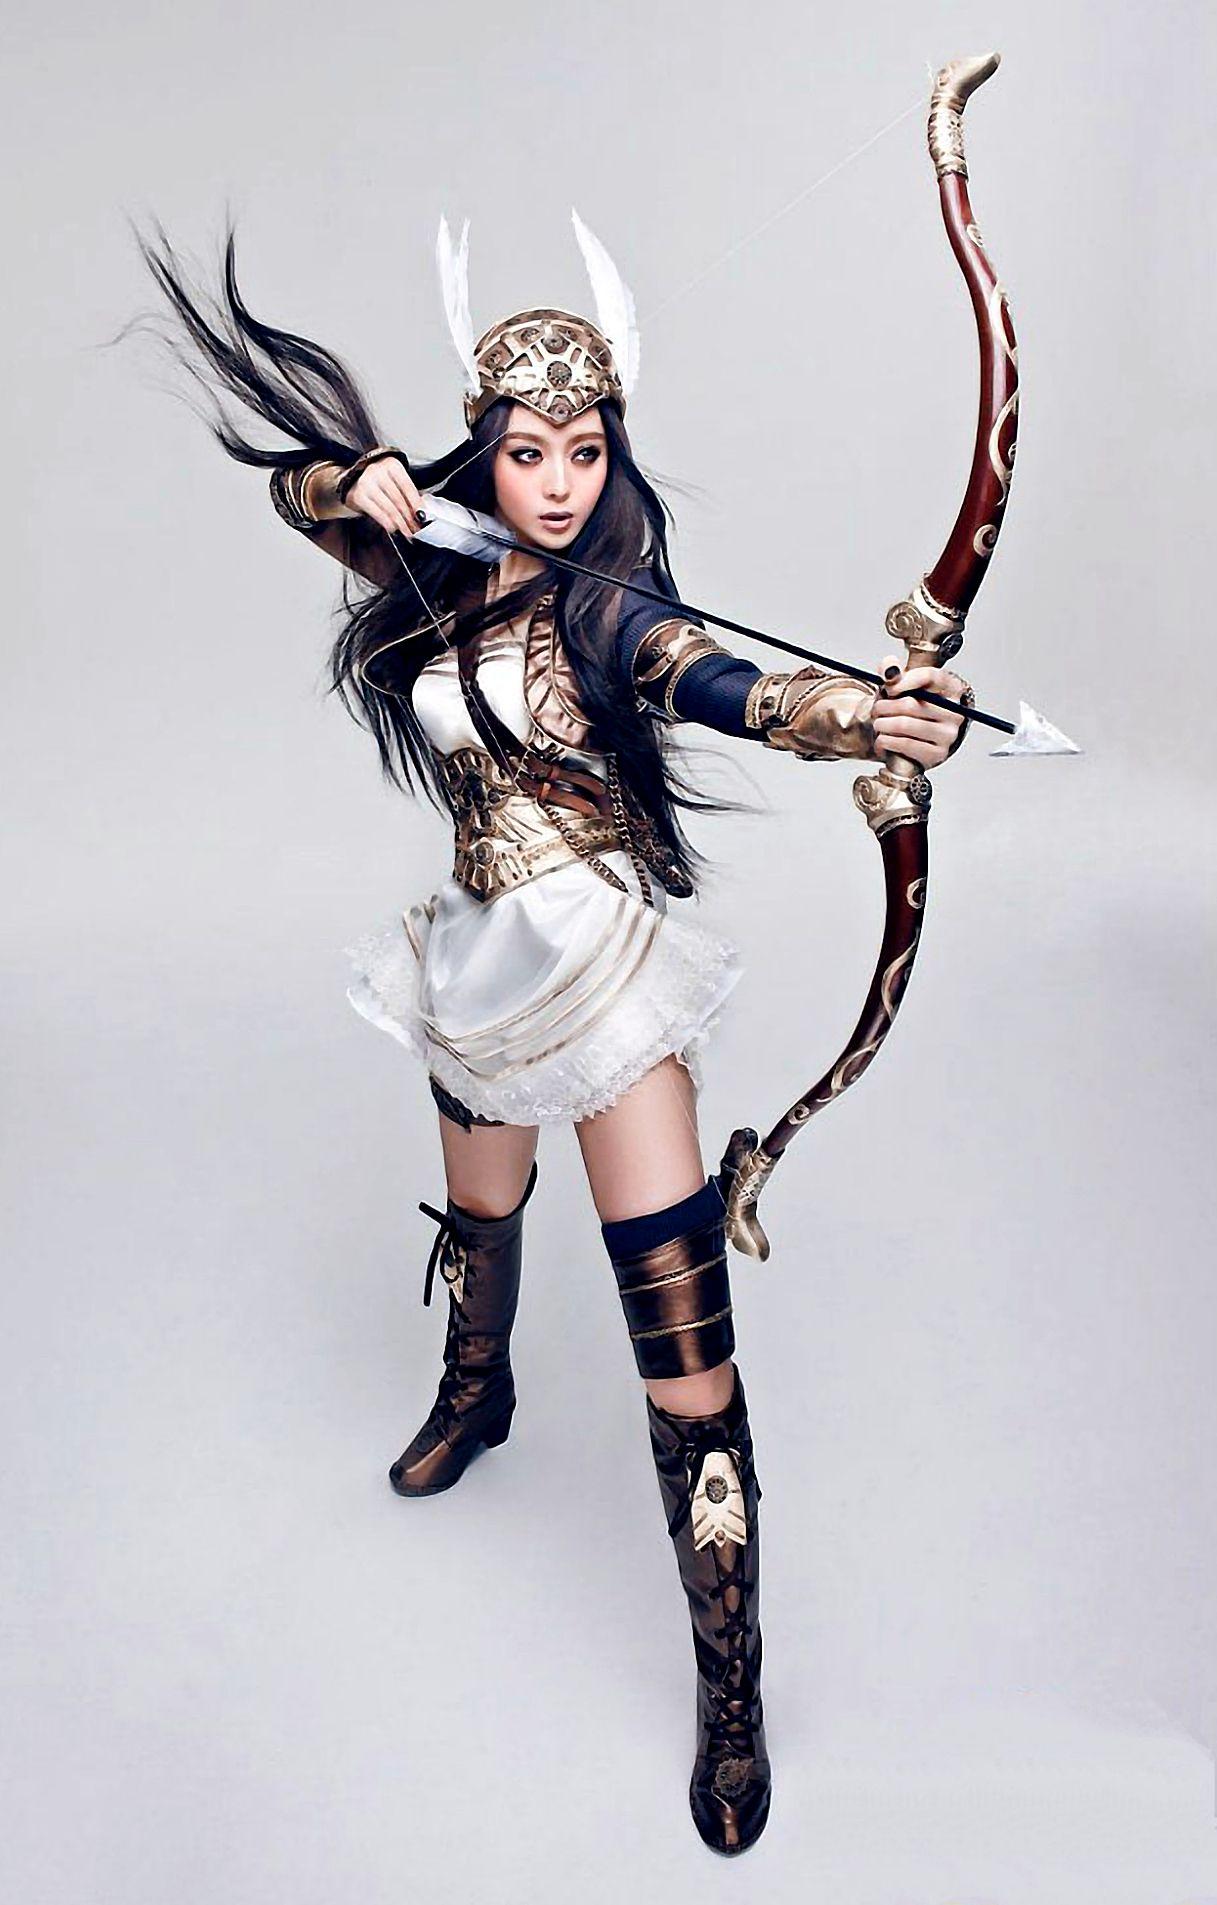 Dynasty Warrior ♍ 女優, ファンビンビン, ビンビン